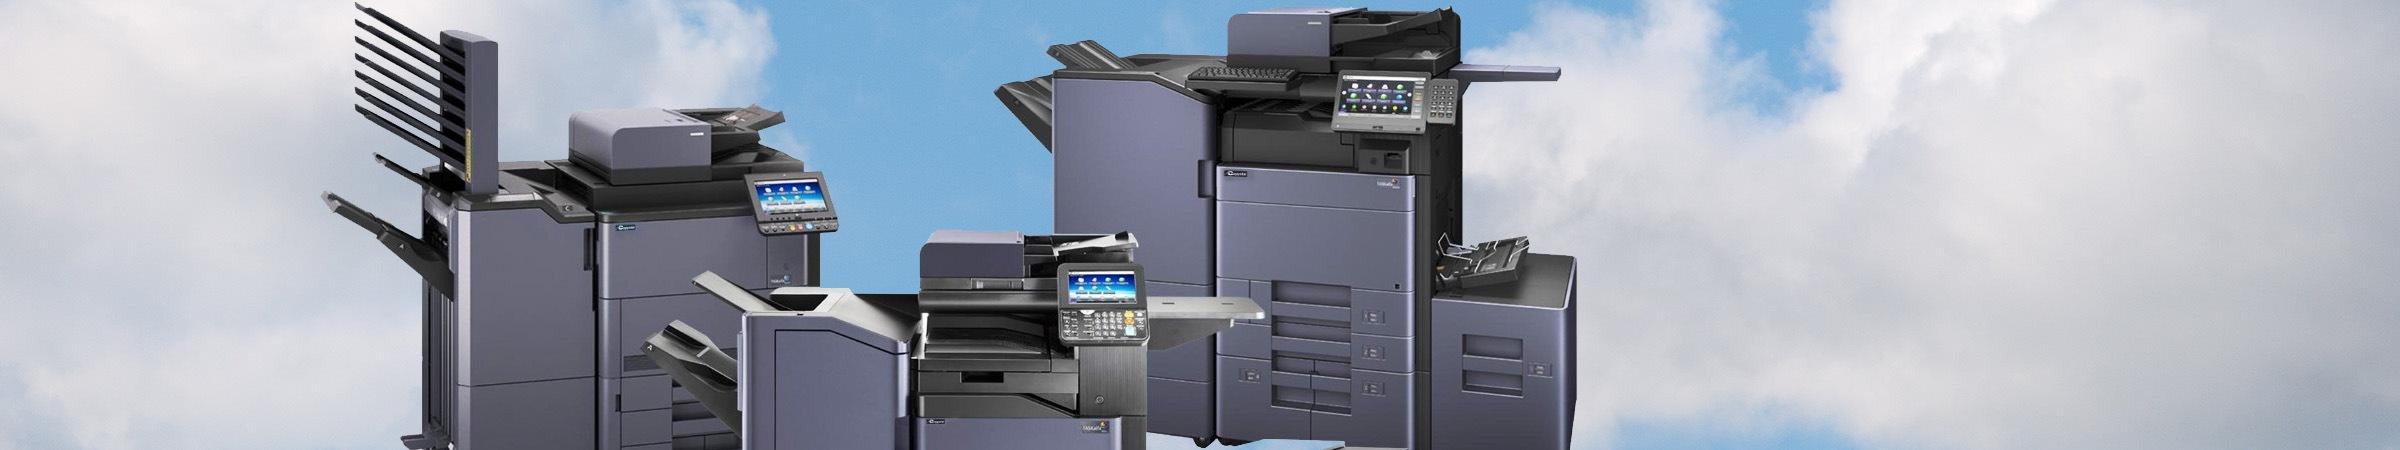 Copystar Printers